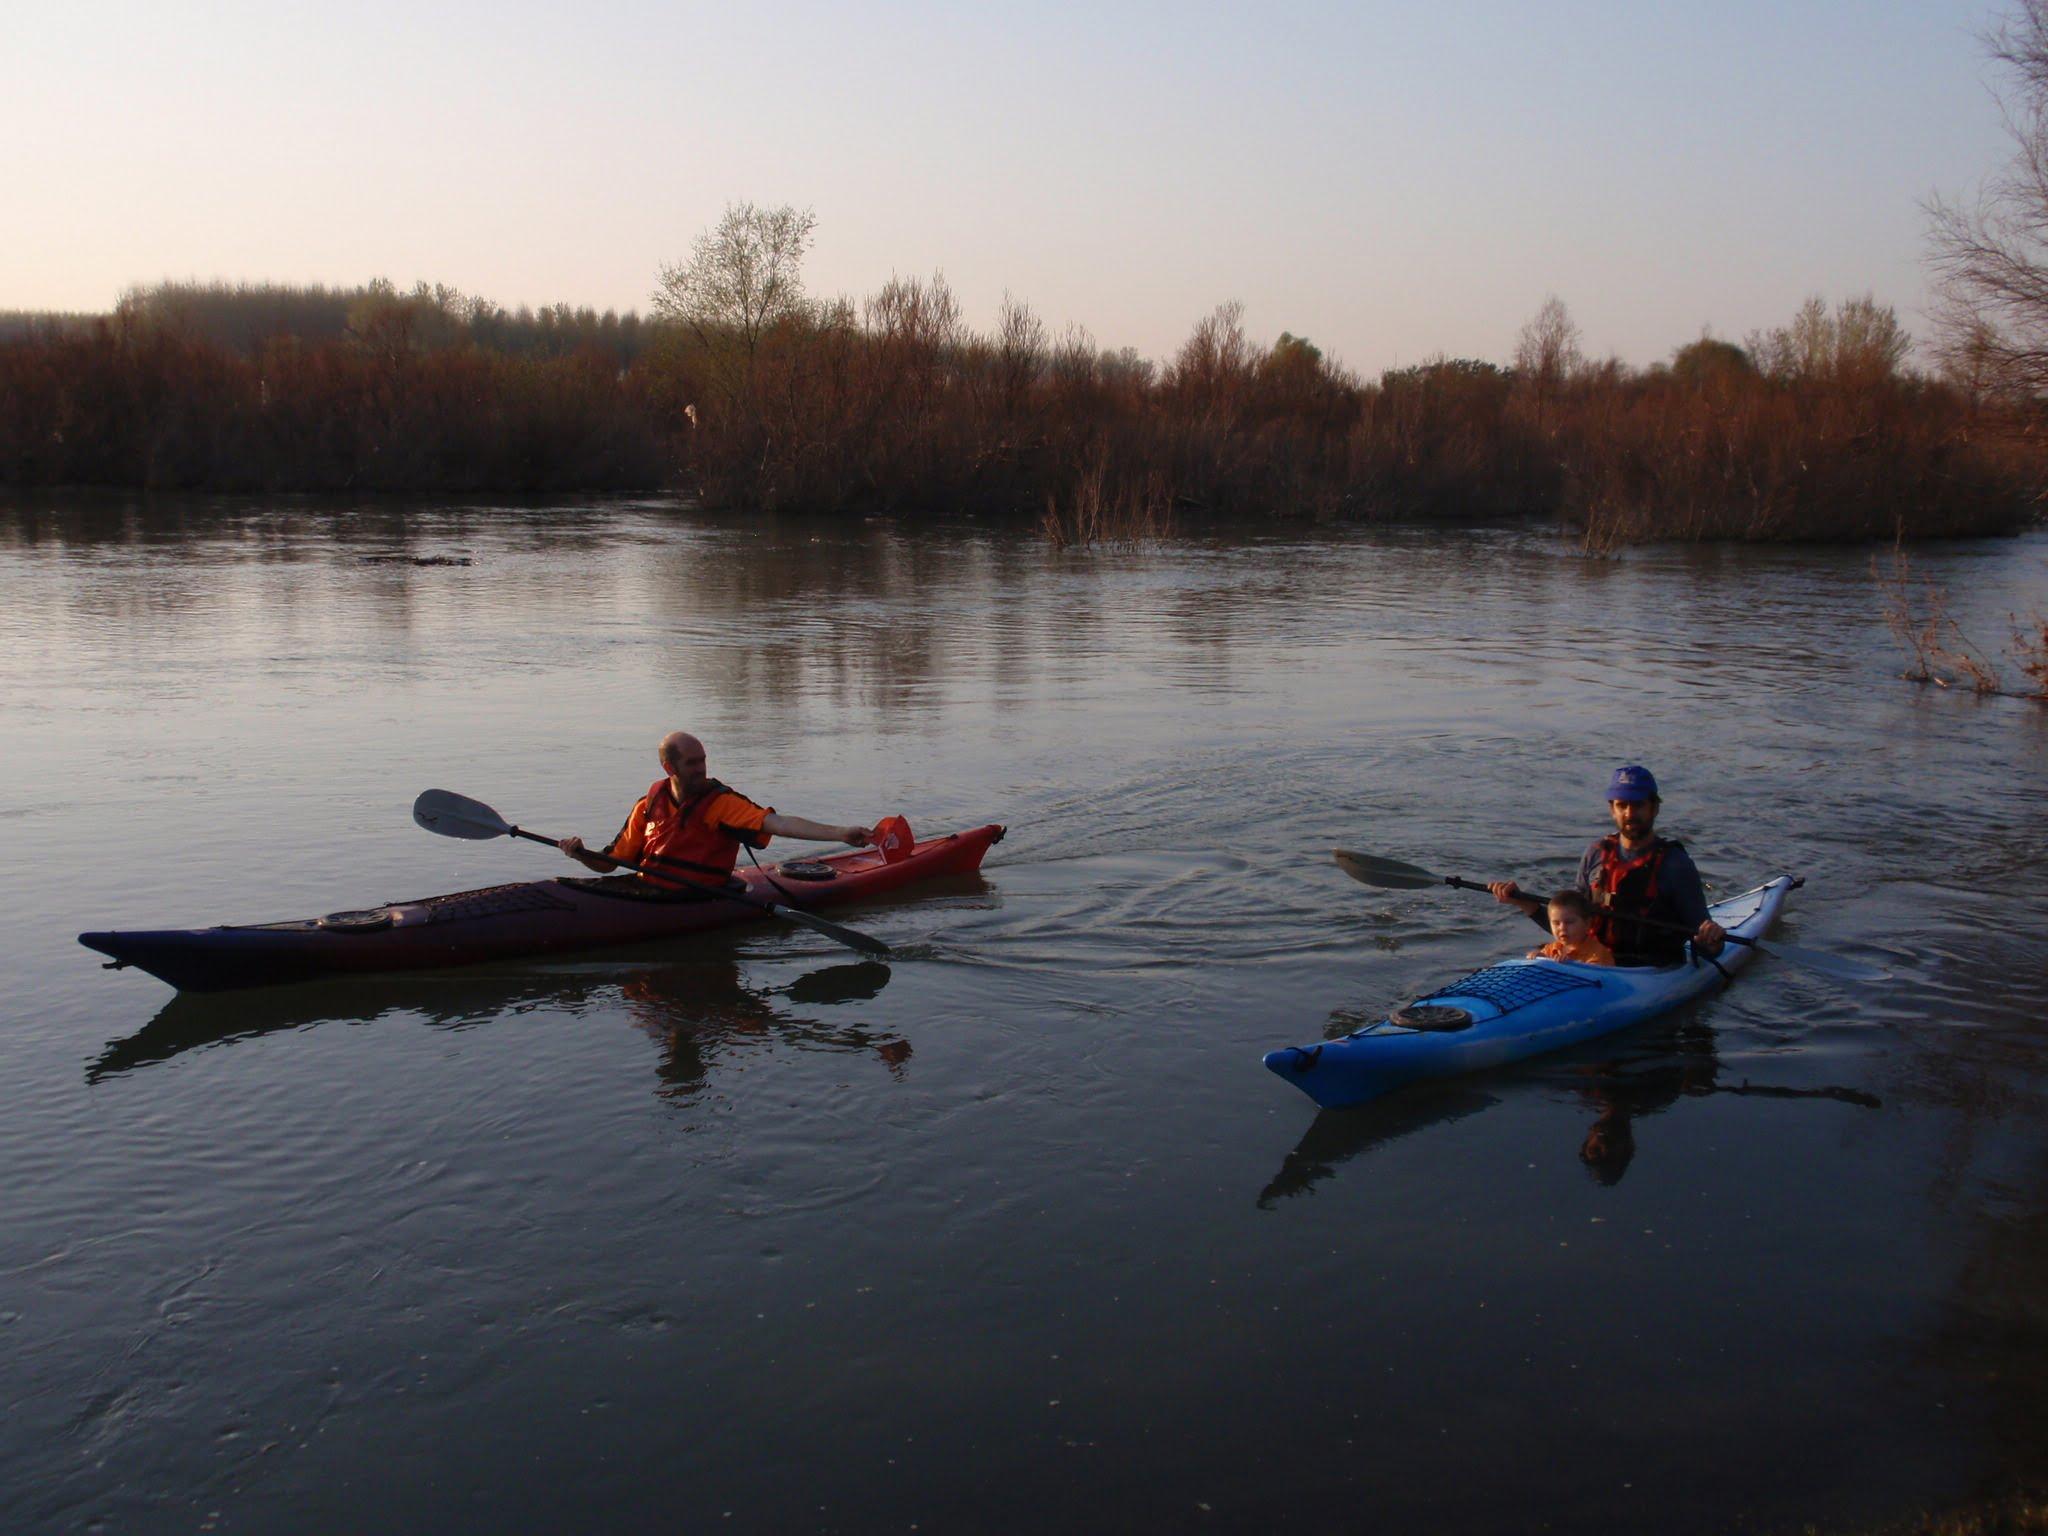 Las travesías se realizan en piraguas-kayaks específicos, dotados de tambuchos estancos para transportar todo lo necesario.